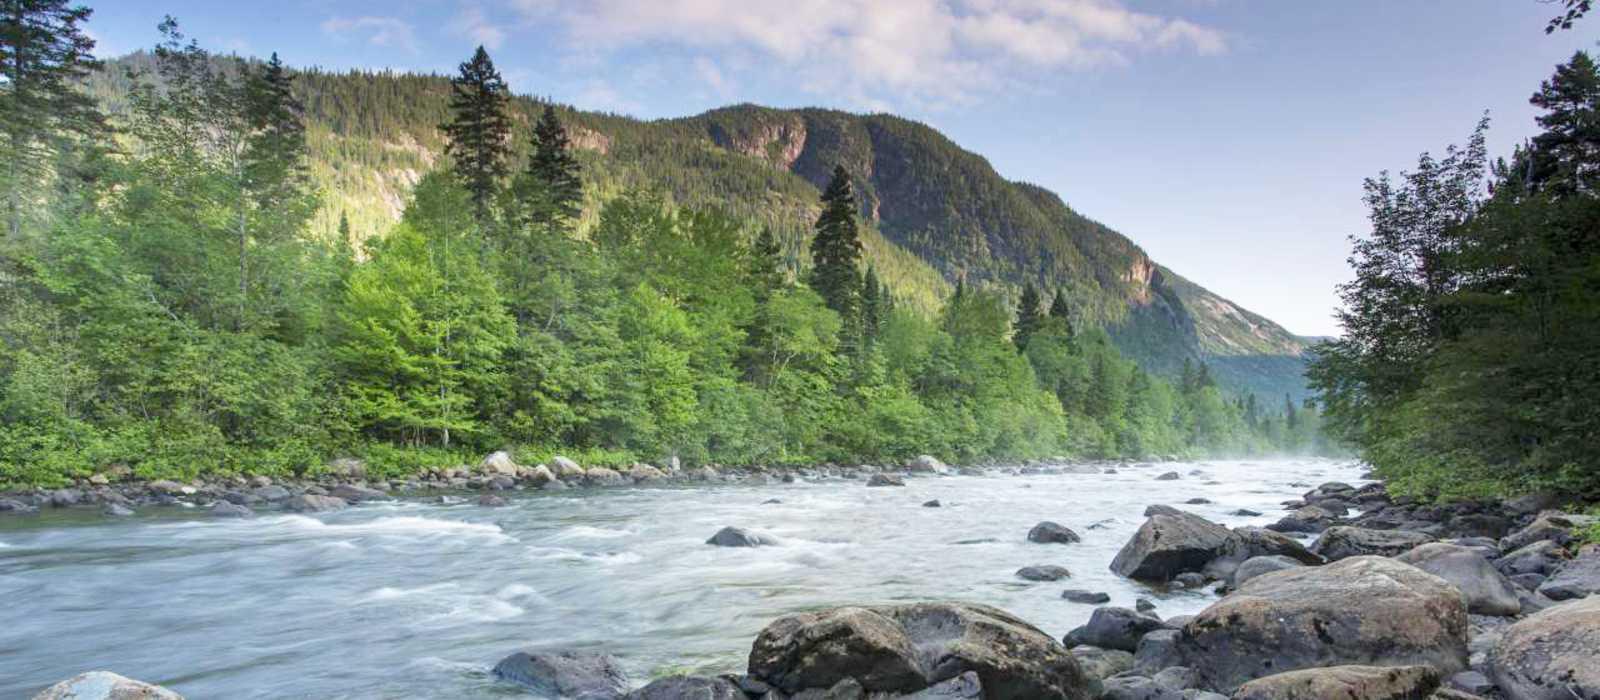 Hautes Gorges de la Rivière Malbaie Nationalpark